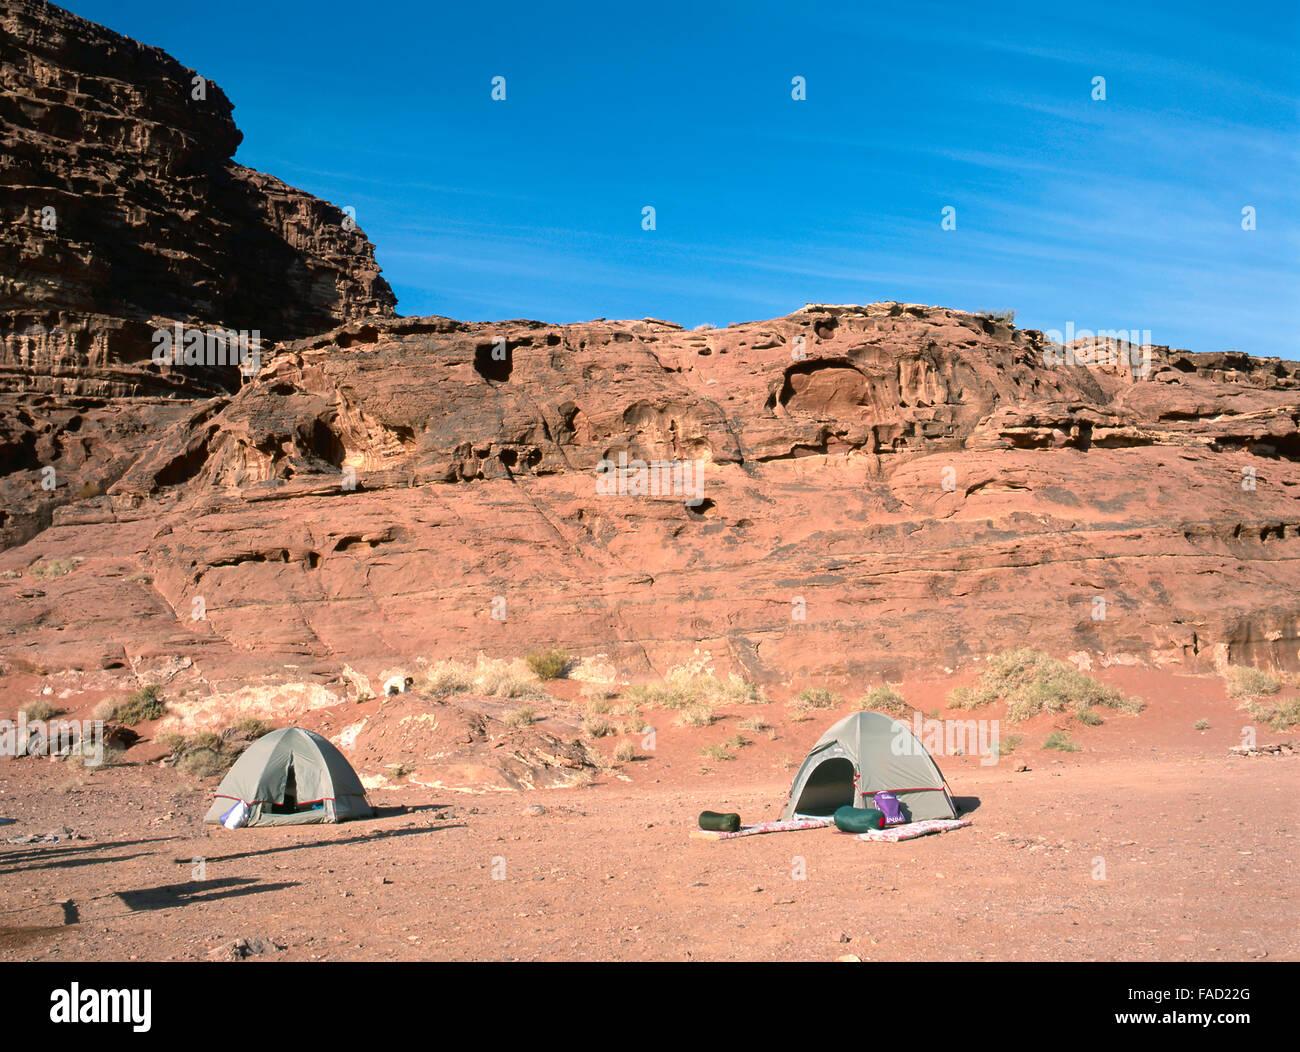 Two tents of hikers in Wadi Rum,Jordan - Stock Image